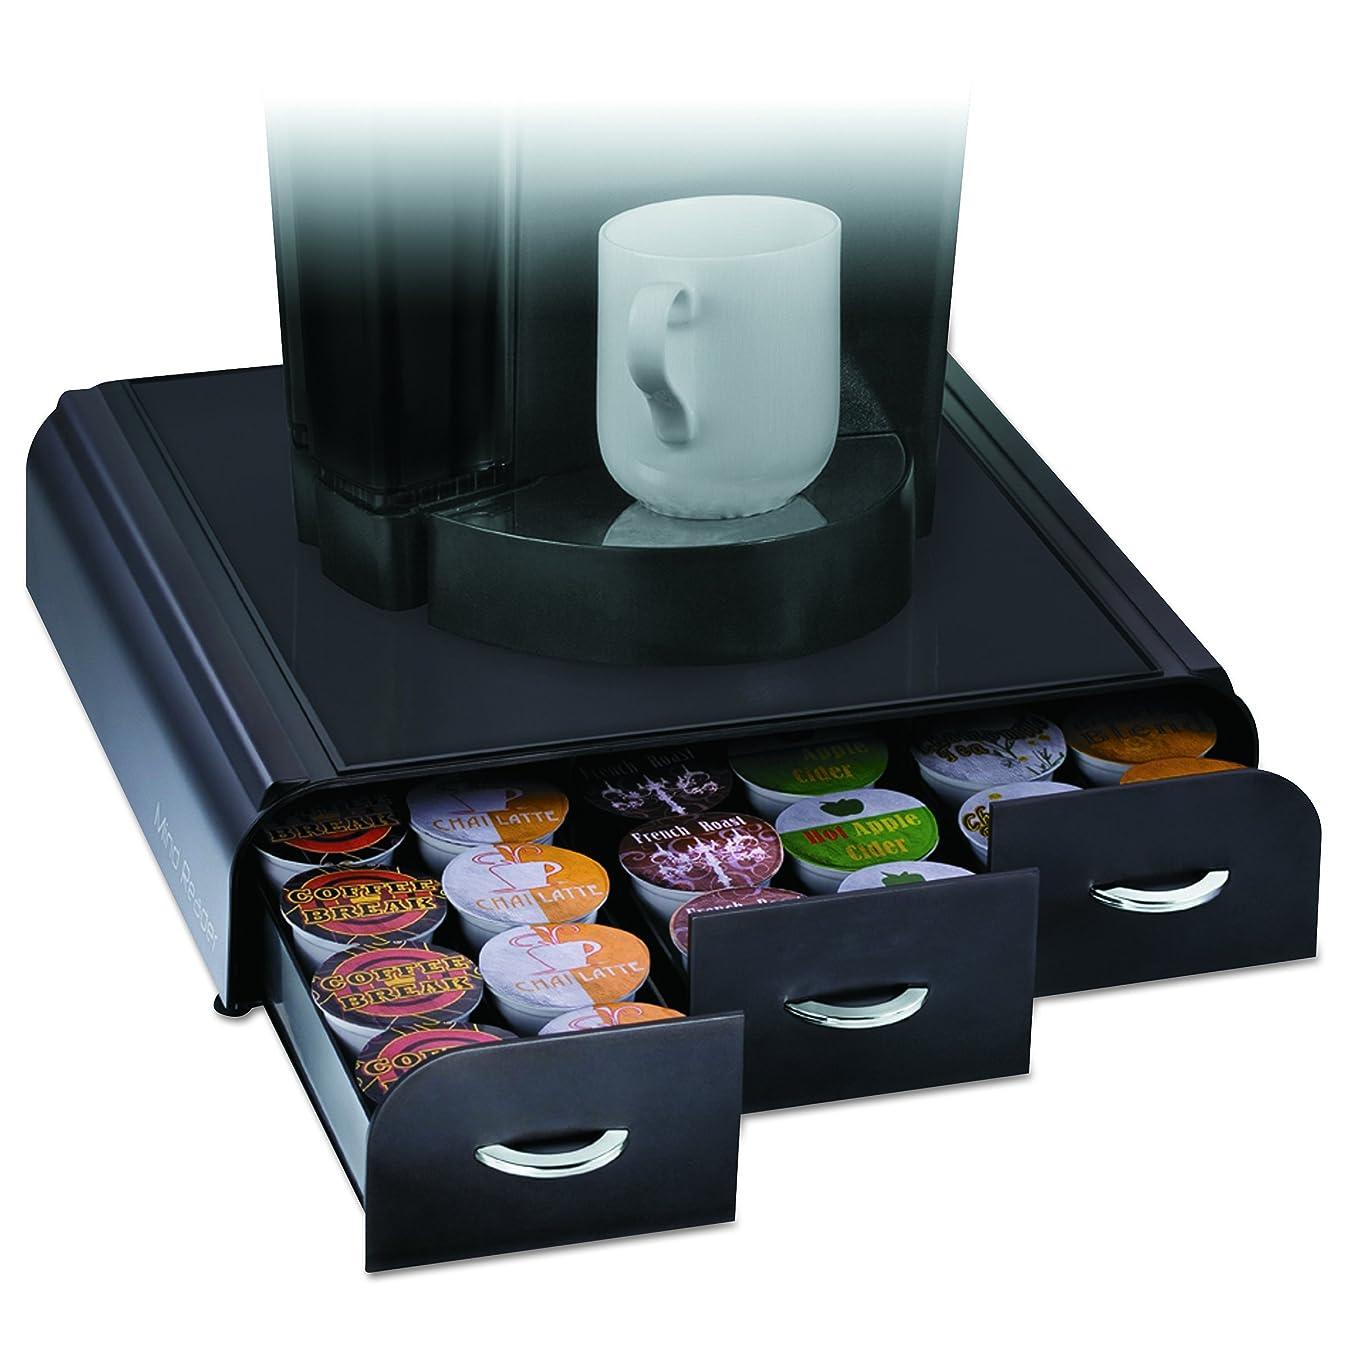 Mind Reader 'Anchor' Triple Drawer K-Cup Dolce Gusto, CBTL, Verismo Single Serve Coffee Pod Holder, Black